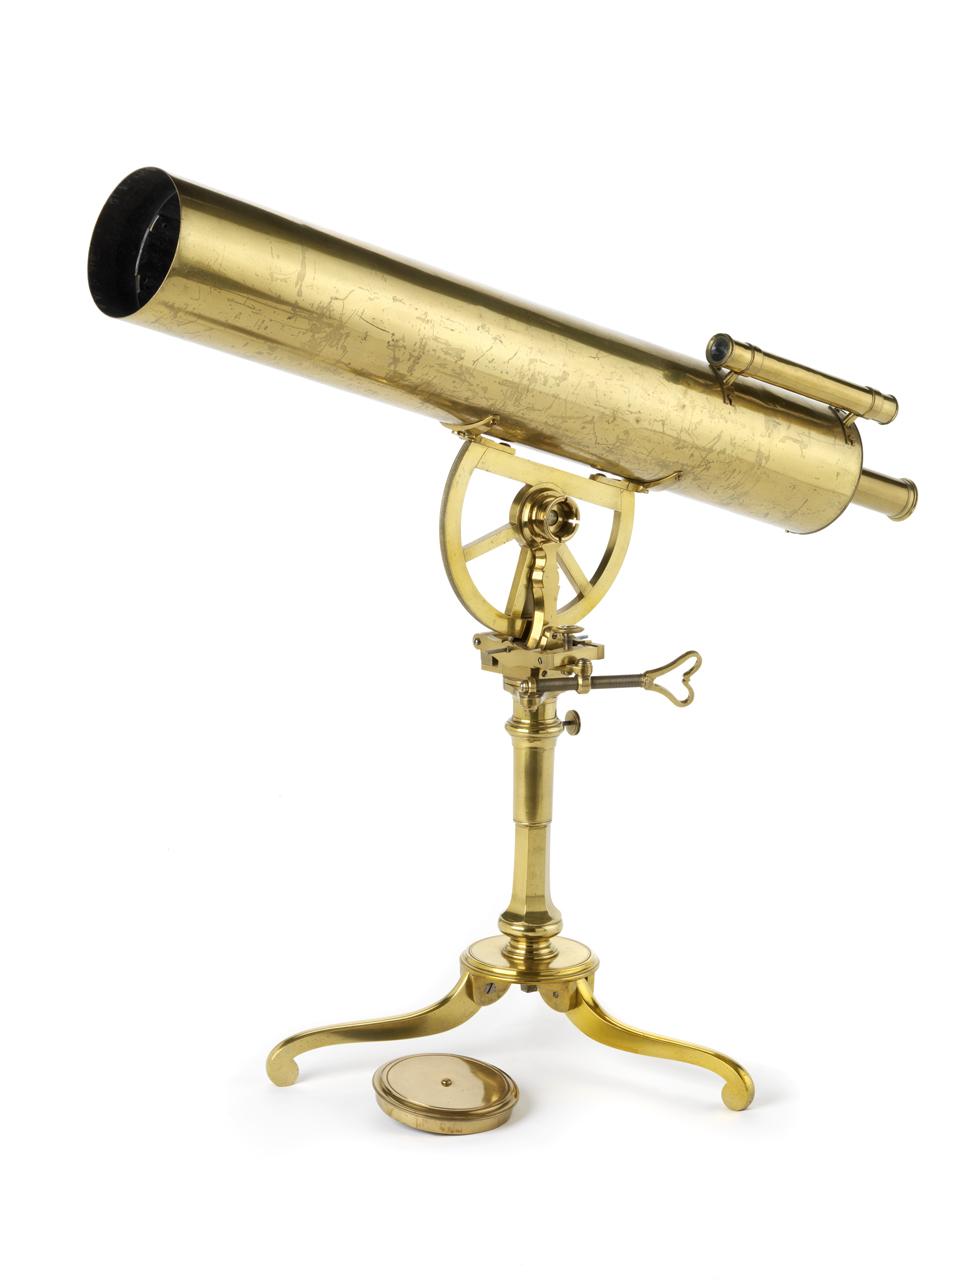 Portable reflector telescope